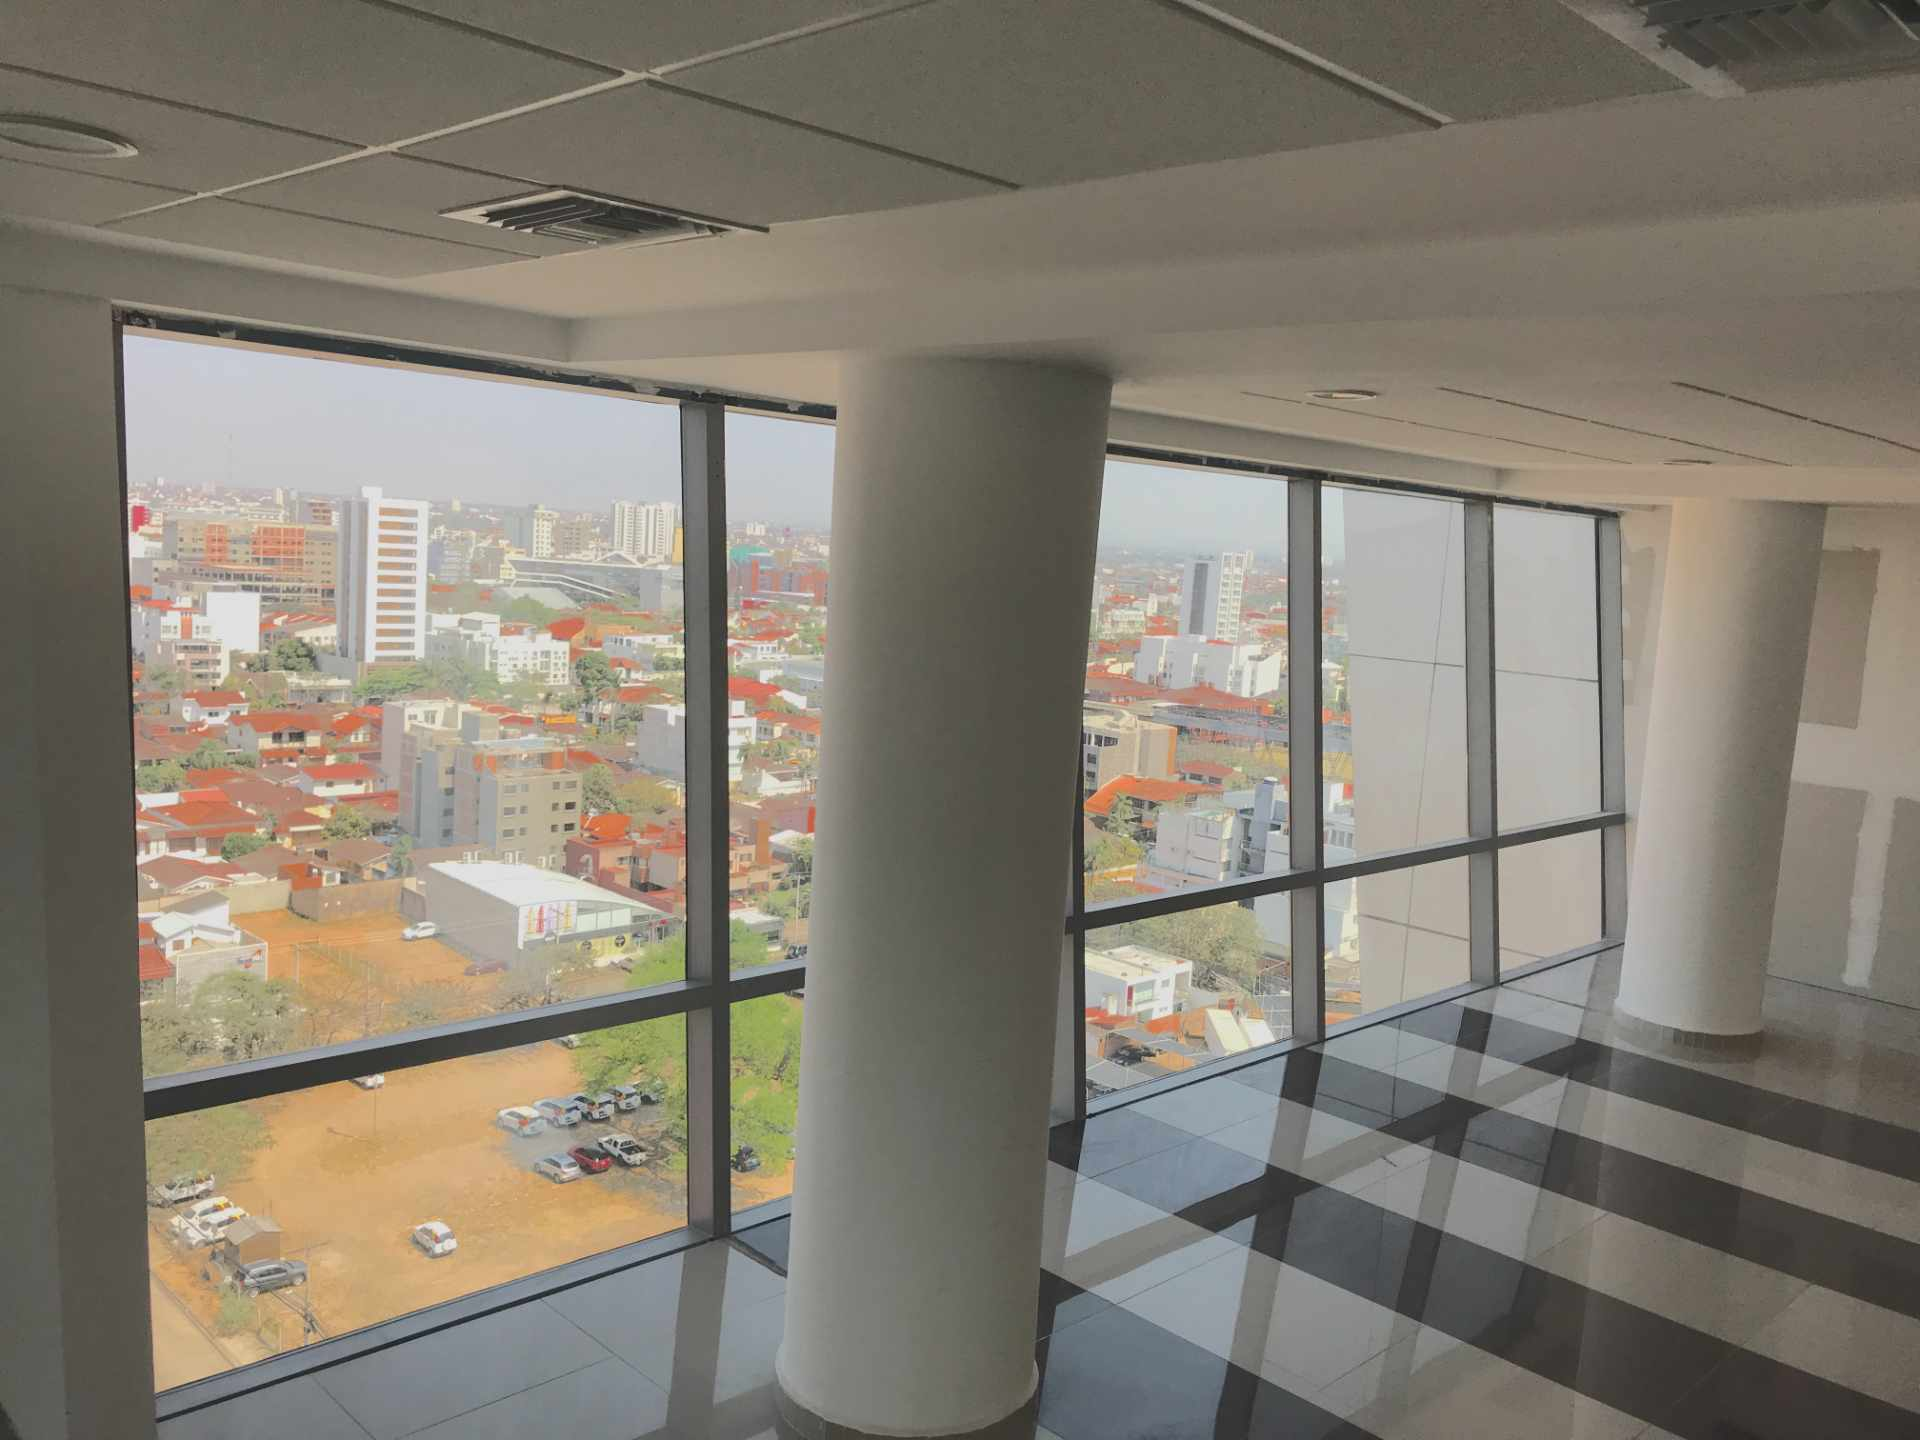 Oficina en Venta Torre de Negocios ALAS. Equipetrol Norte zona Empresarial, Av. San Martín entre 3er y 4to anillo.  Foto 11